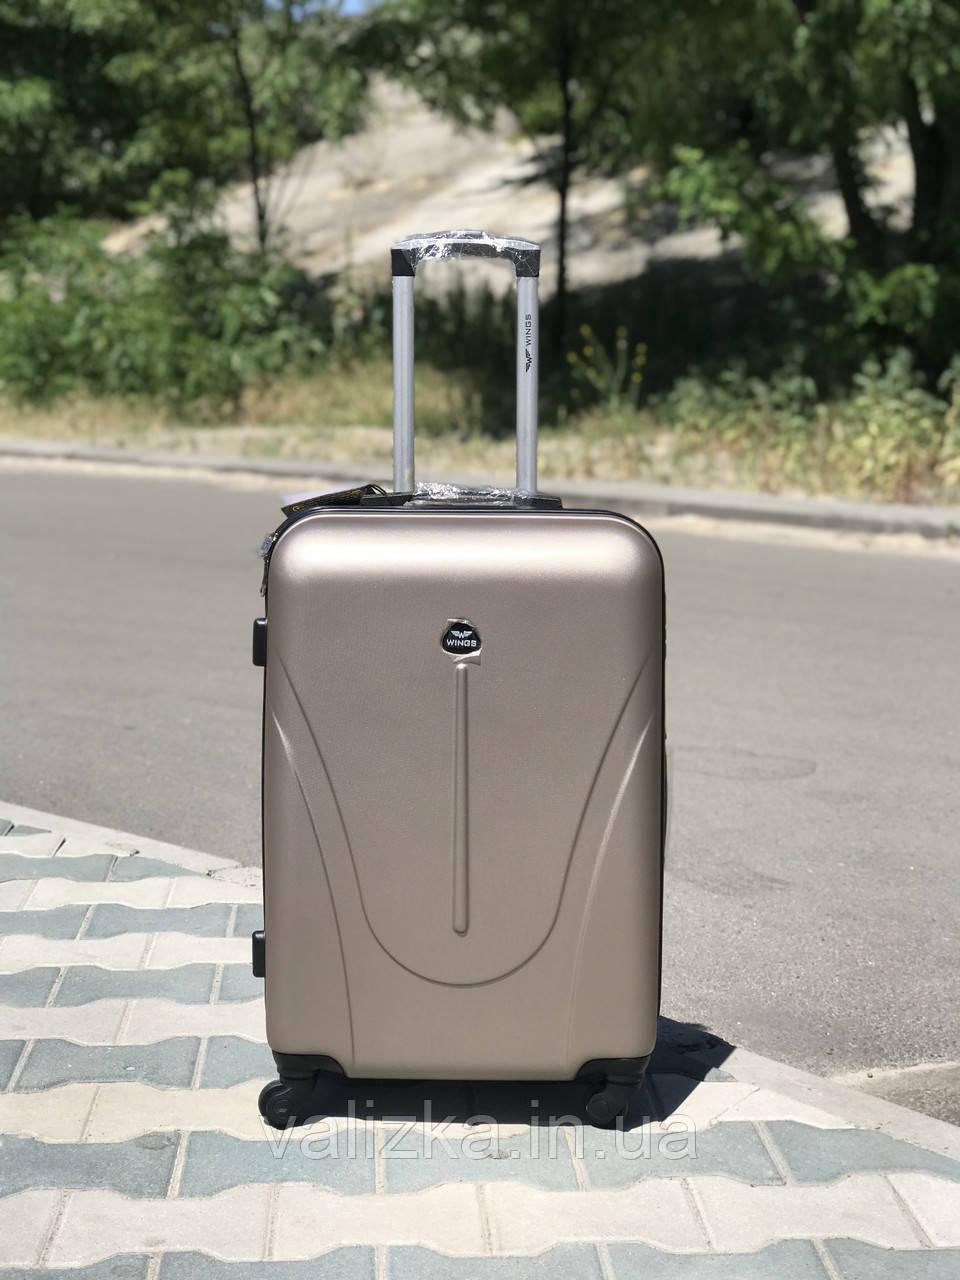 Пластиковый чемодан из поликарбоната средний золотого цвета